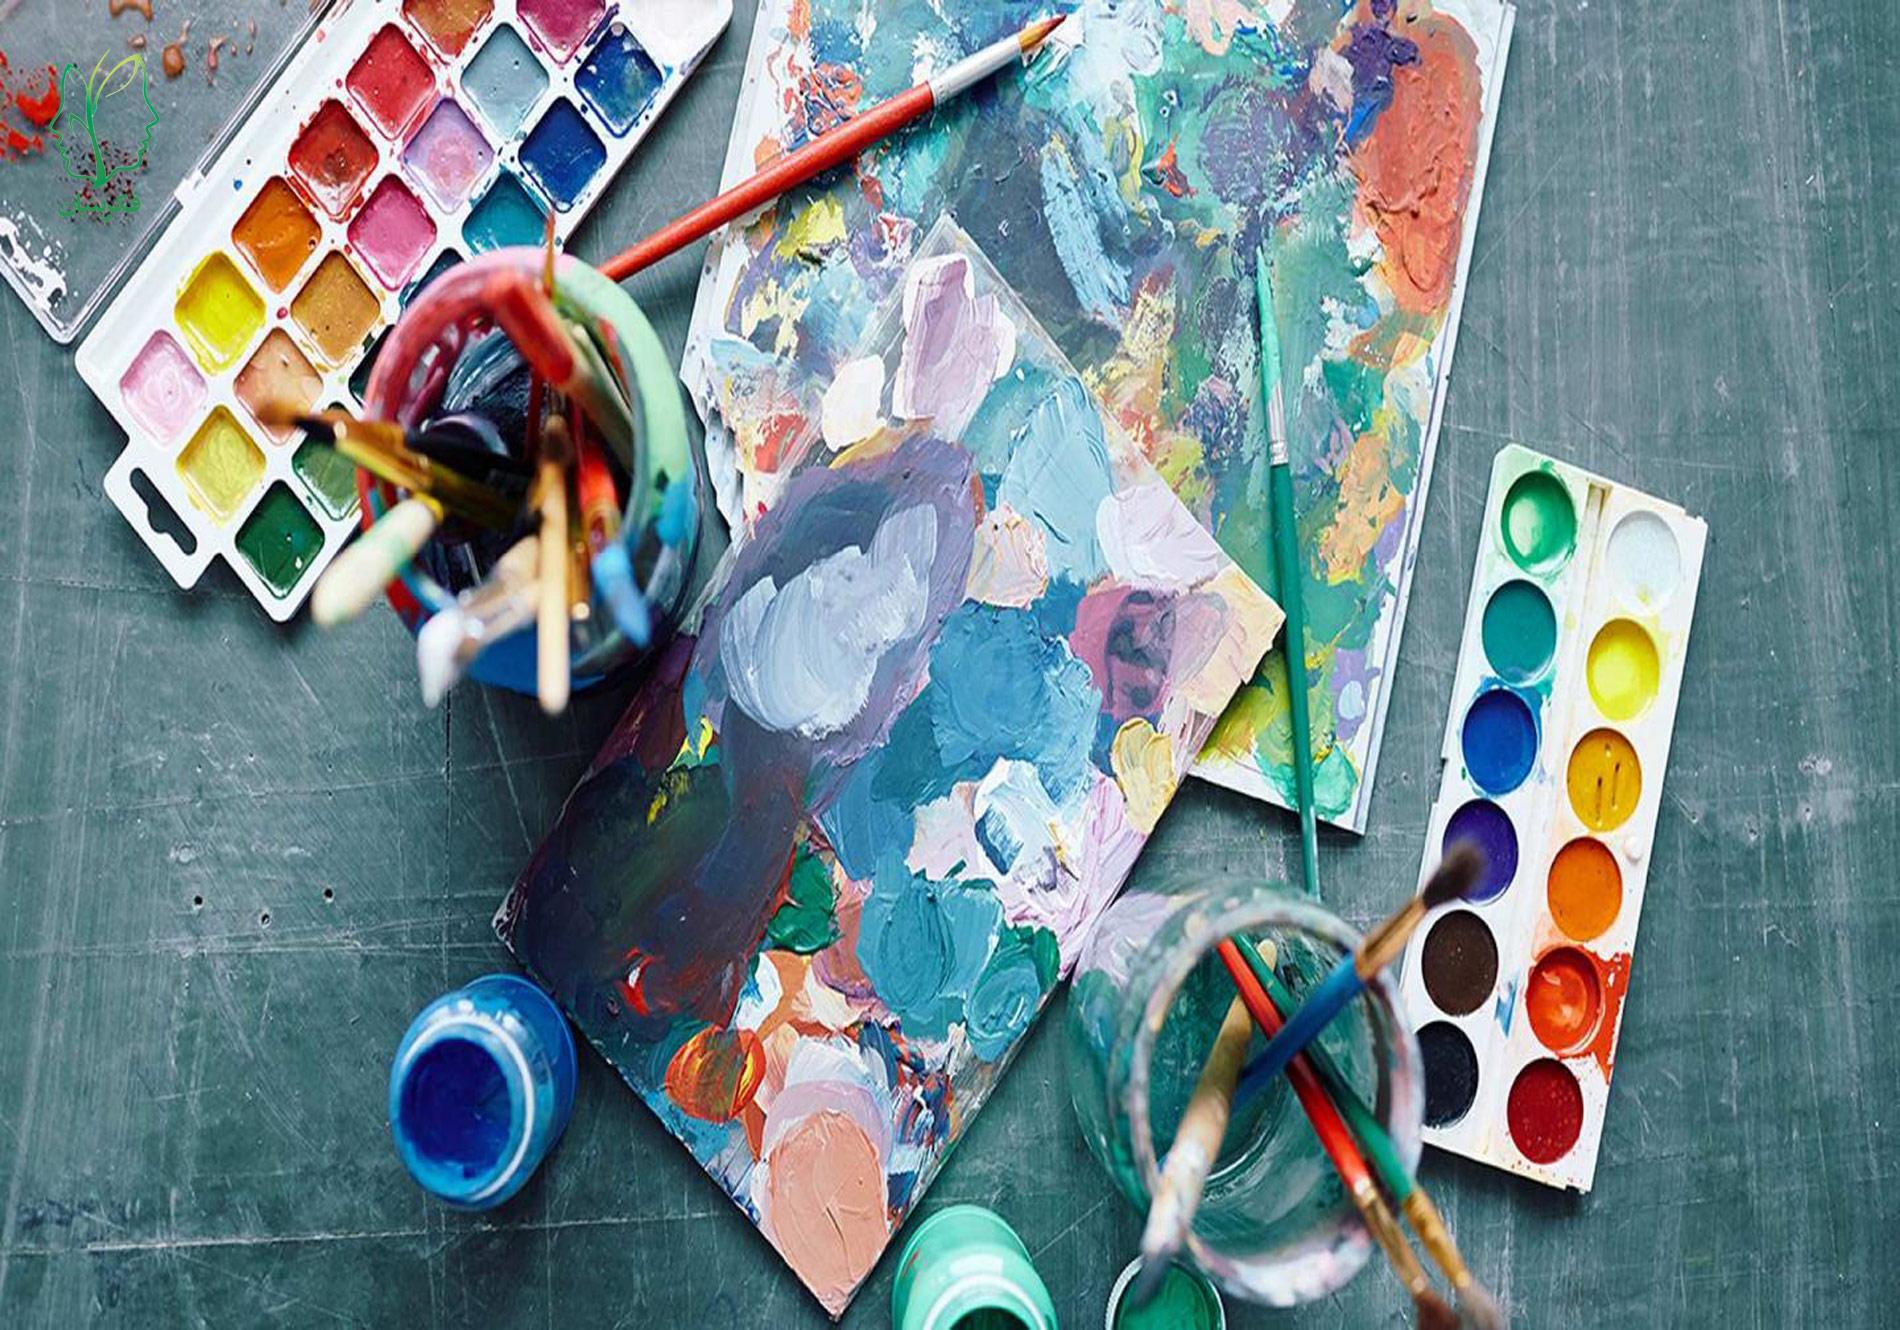 هنر در کاردرمانی چه کاربردی دارد؟